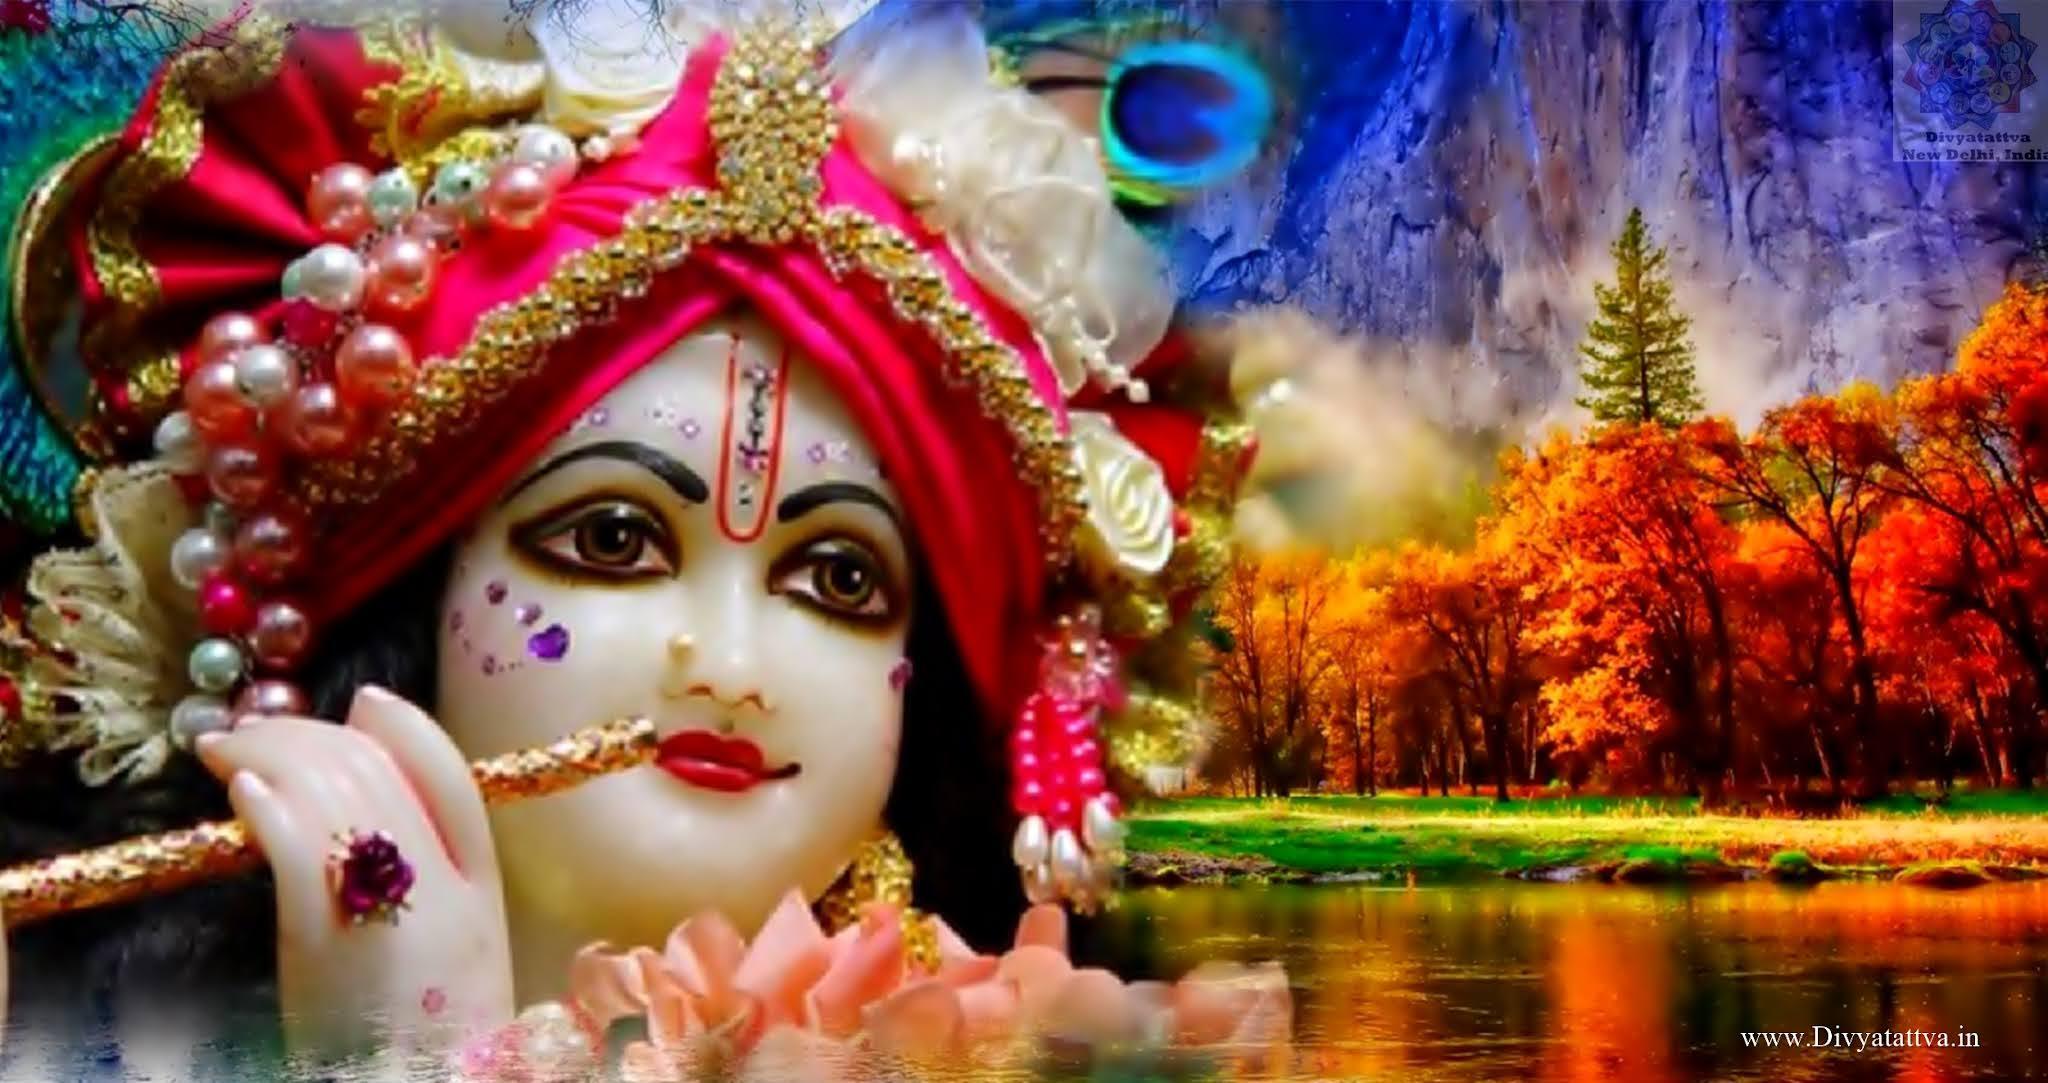 Radha Krishna Janmashtami Festival 4k UHD Wallpaper Pictures, vaishnav janmashtami Photos, janmashtami iskcon images